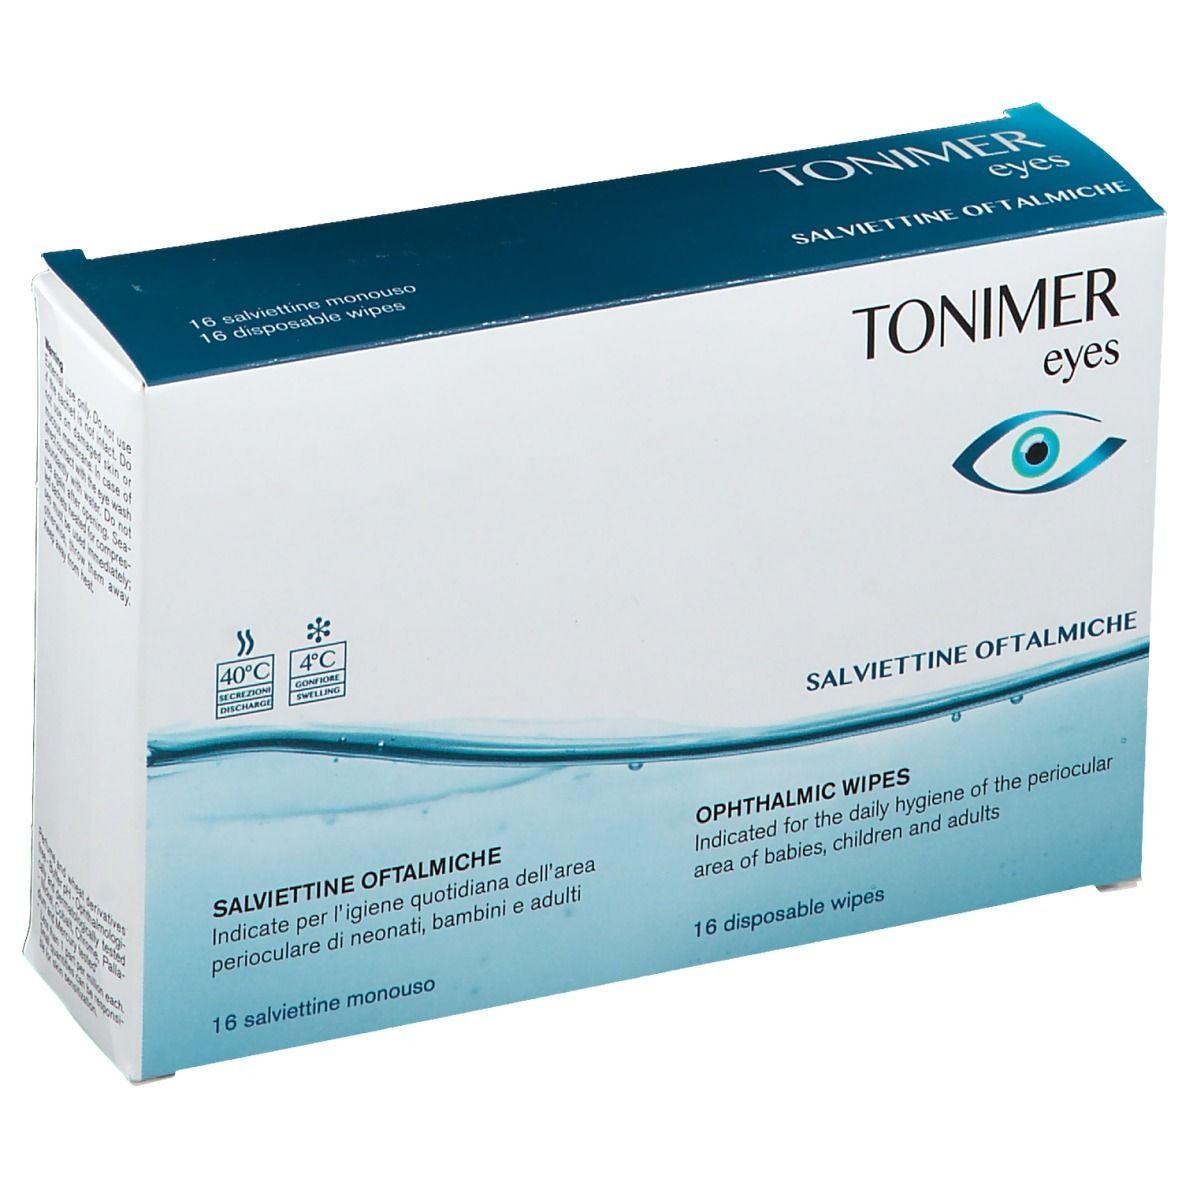 Tonimer Eyes salviettine oftalmiche 16pz